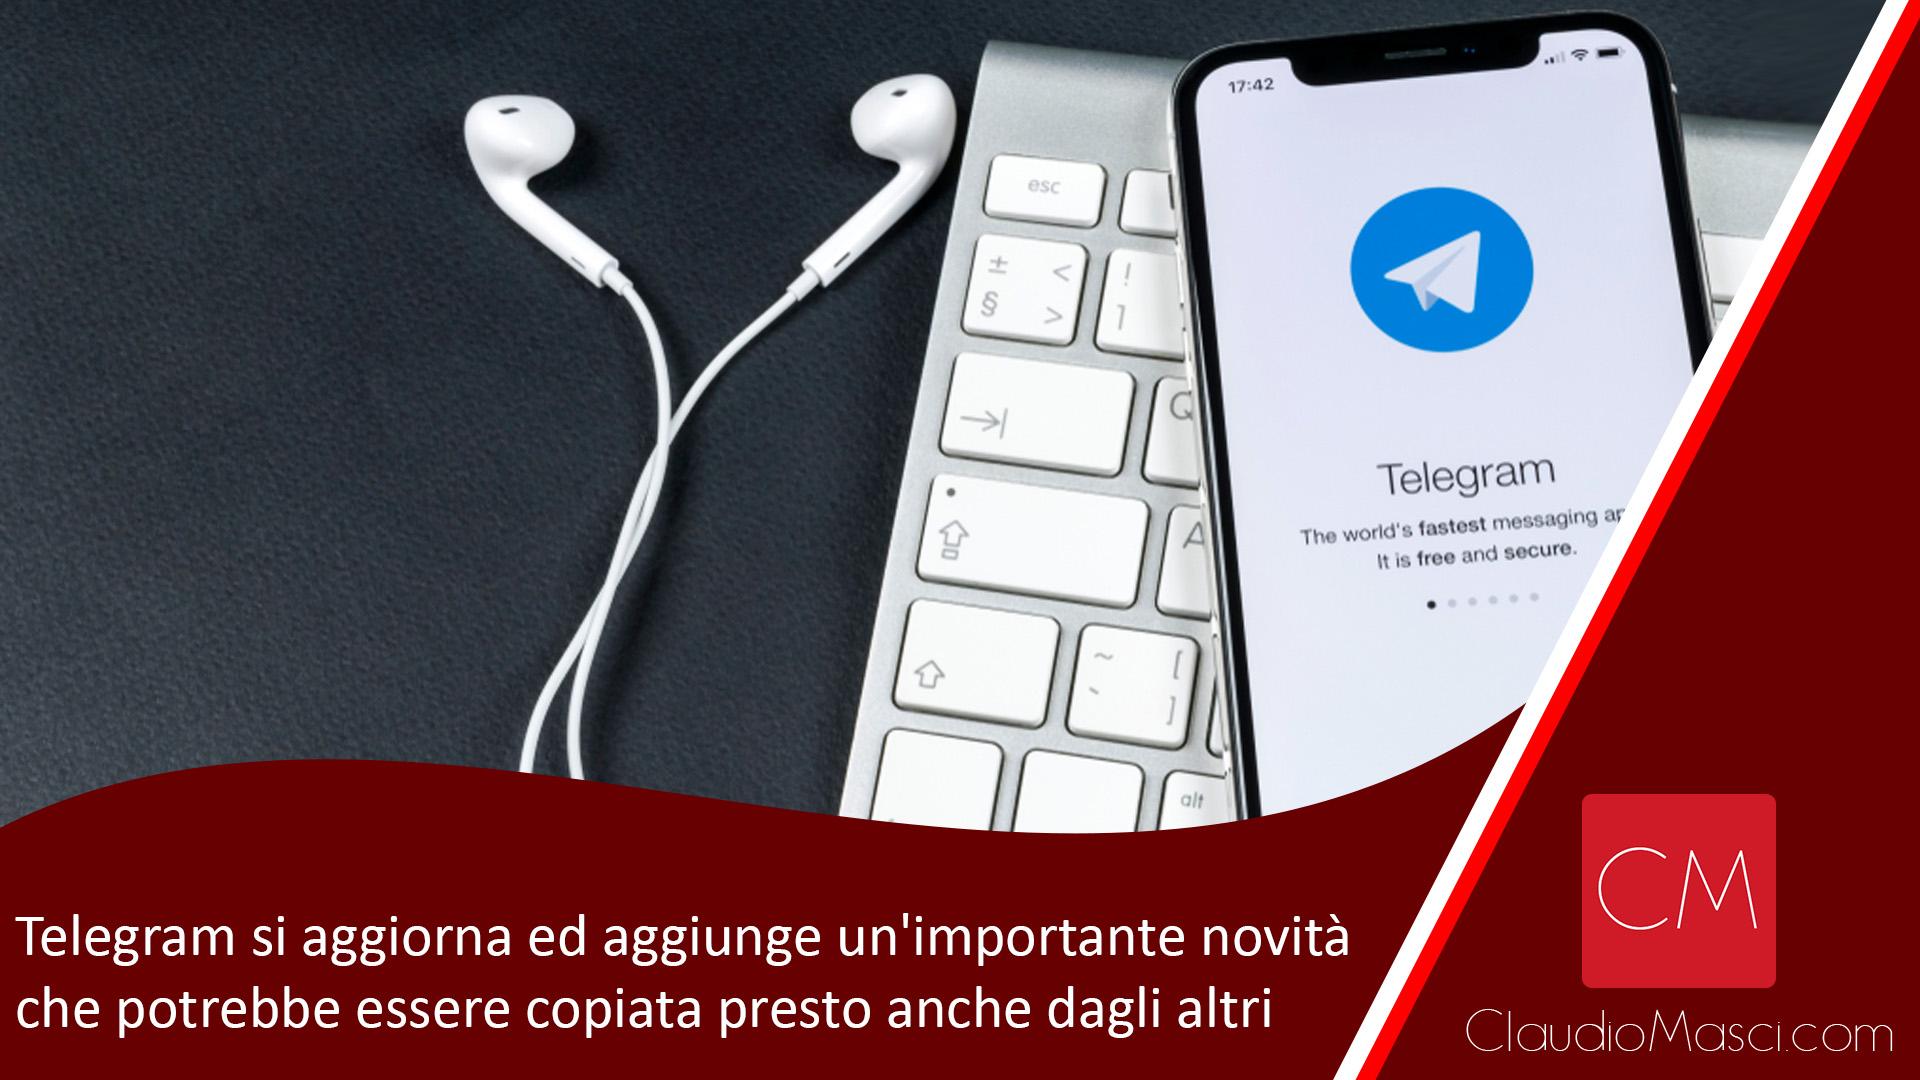 Telegram si aggiorna ed aggiunge un'importante novità che potrebbe essere copiata presto anche dagli altri